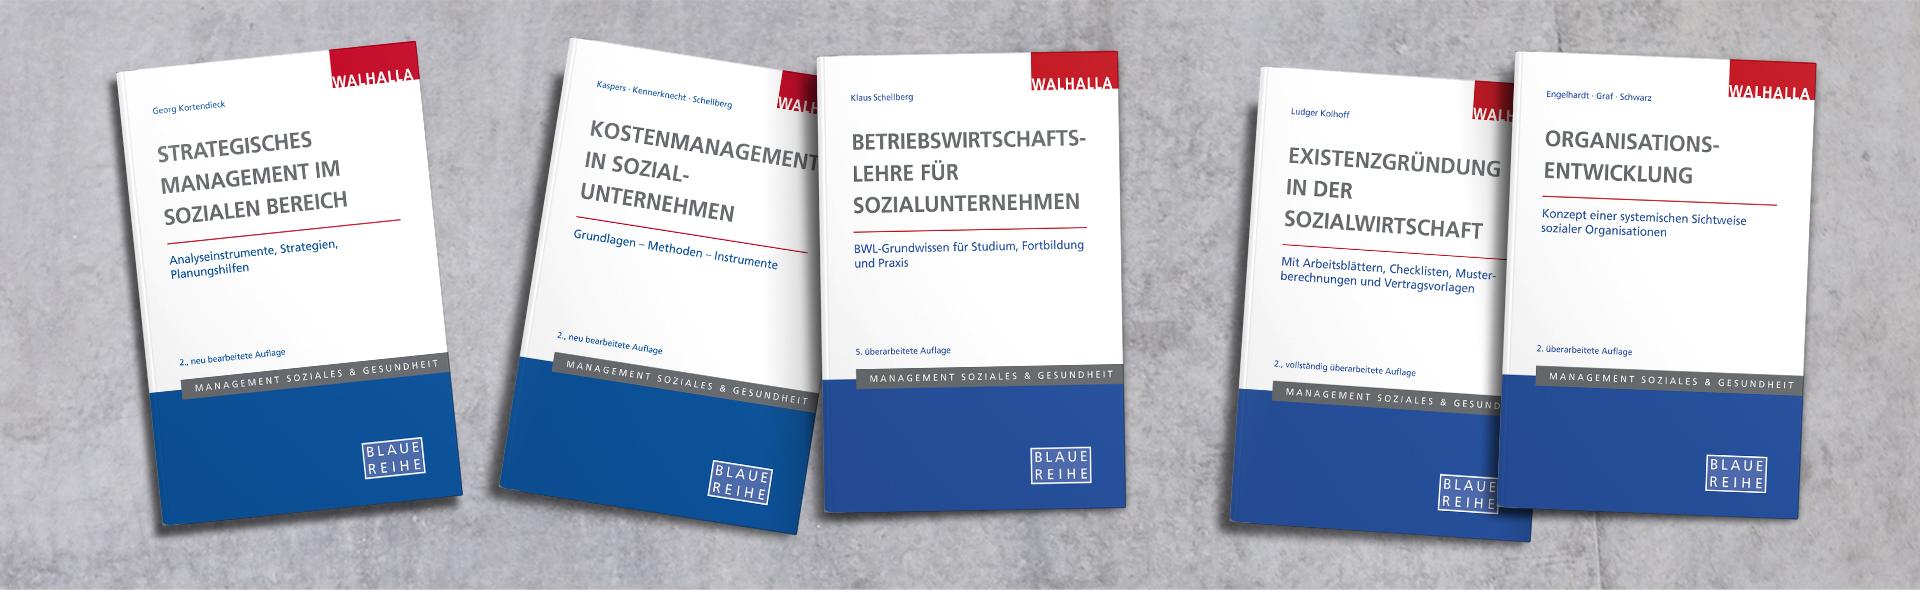 Fünf Bücher der Blauen Reihe, die im WALHALLA Fachverlag erscheint.